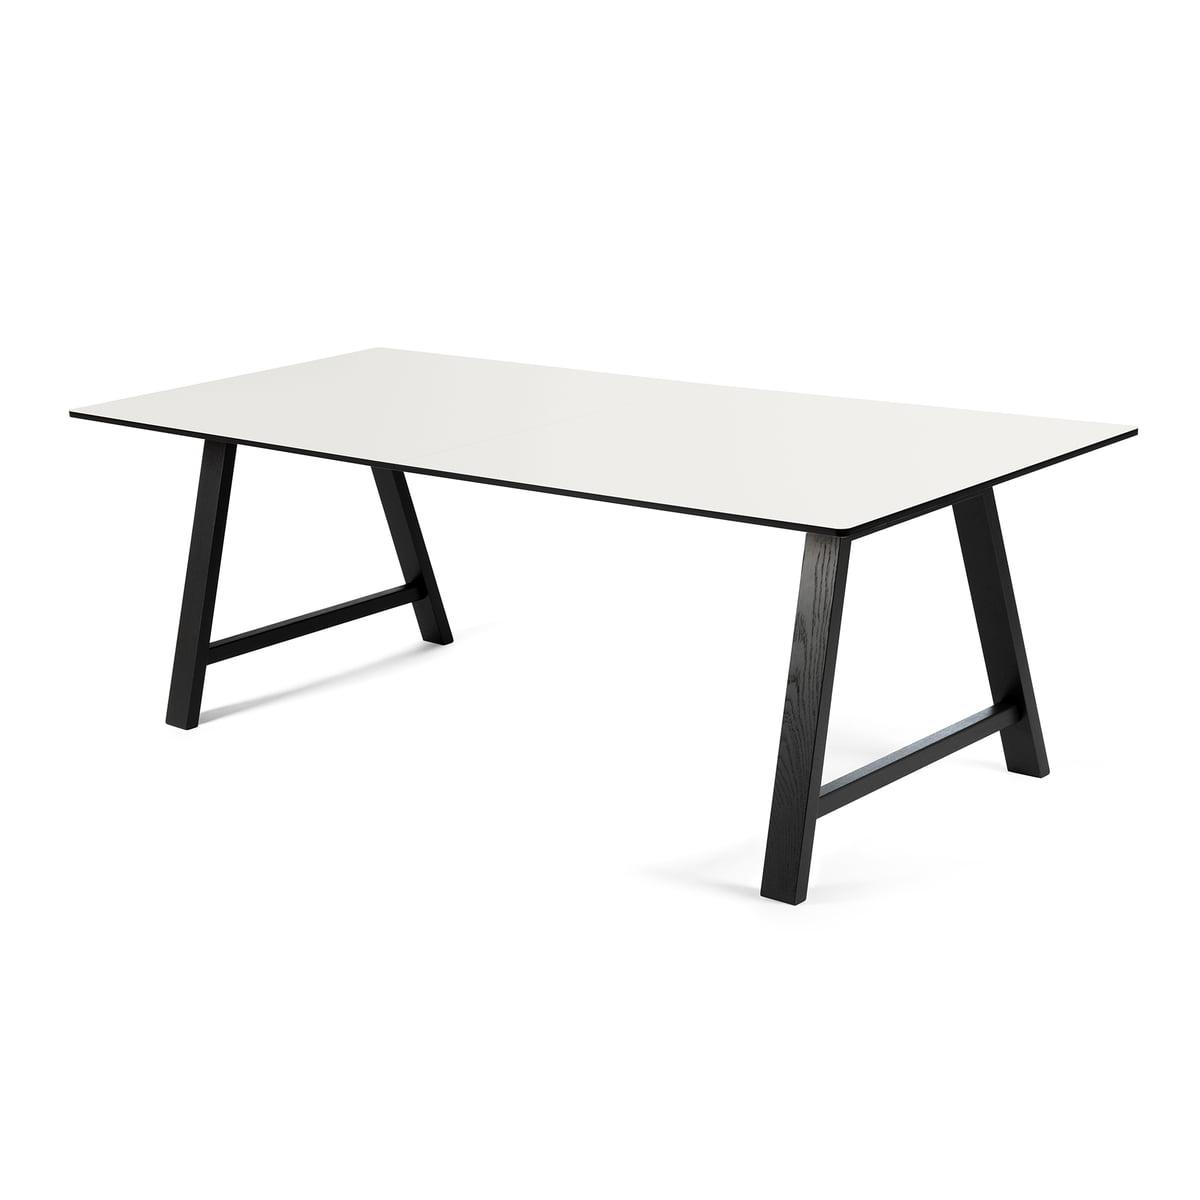 Andersen Furniture - T1 Ausziehtisch 180cm, Eiche schwarz / Laminat weiß | Baumarkt > Bodenbeläge | Weiß | Andersen Furniture